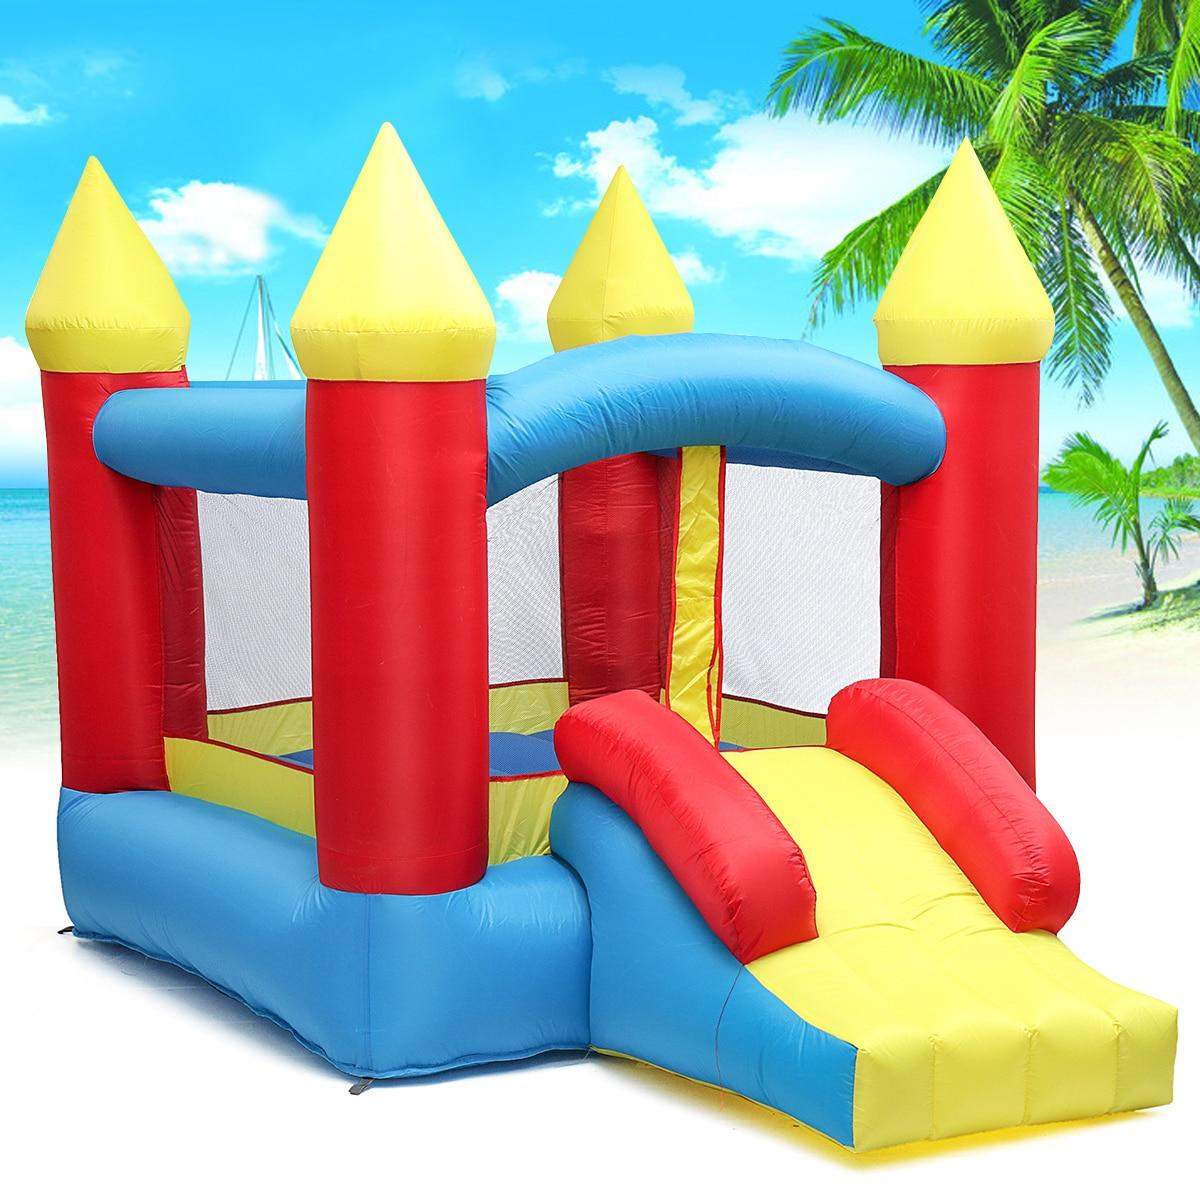 1 juego castillo hinchable exterior Interior Universal trampolín castillo inflable juegos para niños regalo